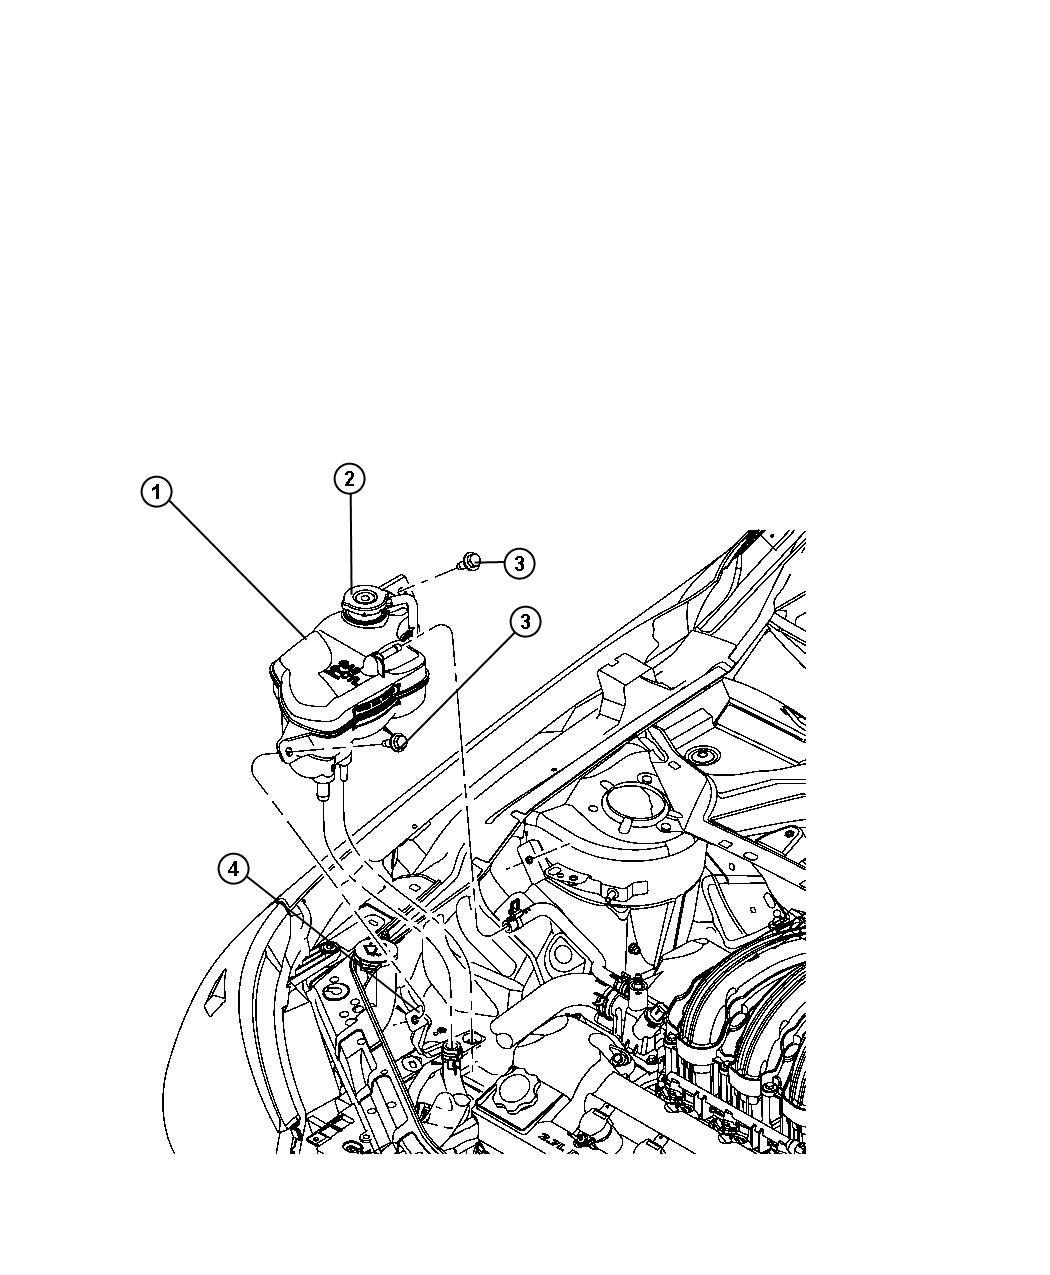 Chrysler 200 Bottle Pressurized Coolant Cooling